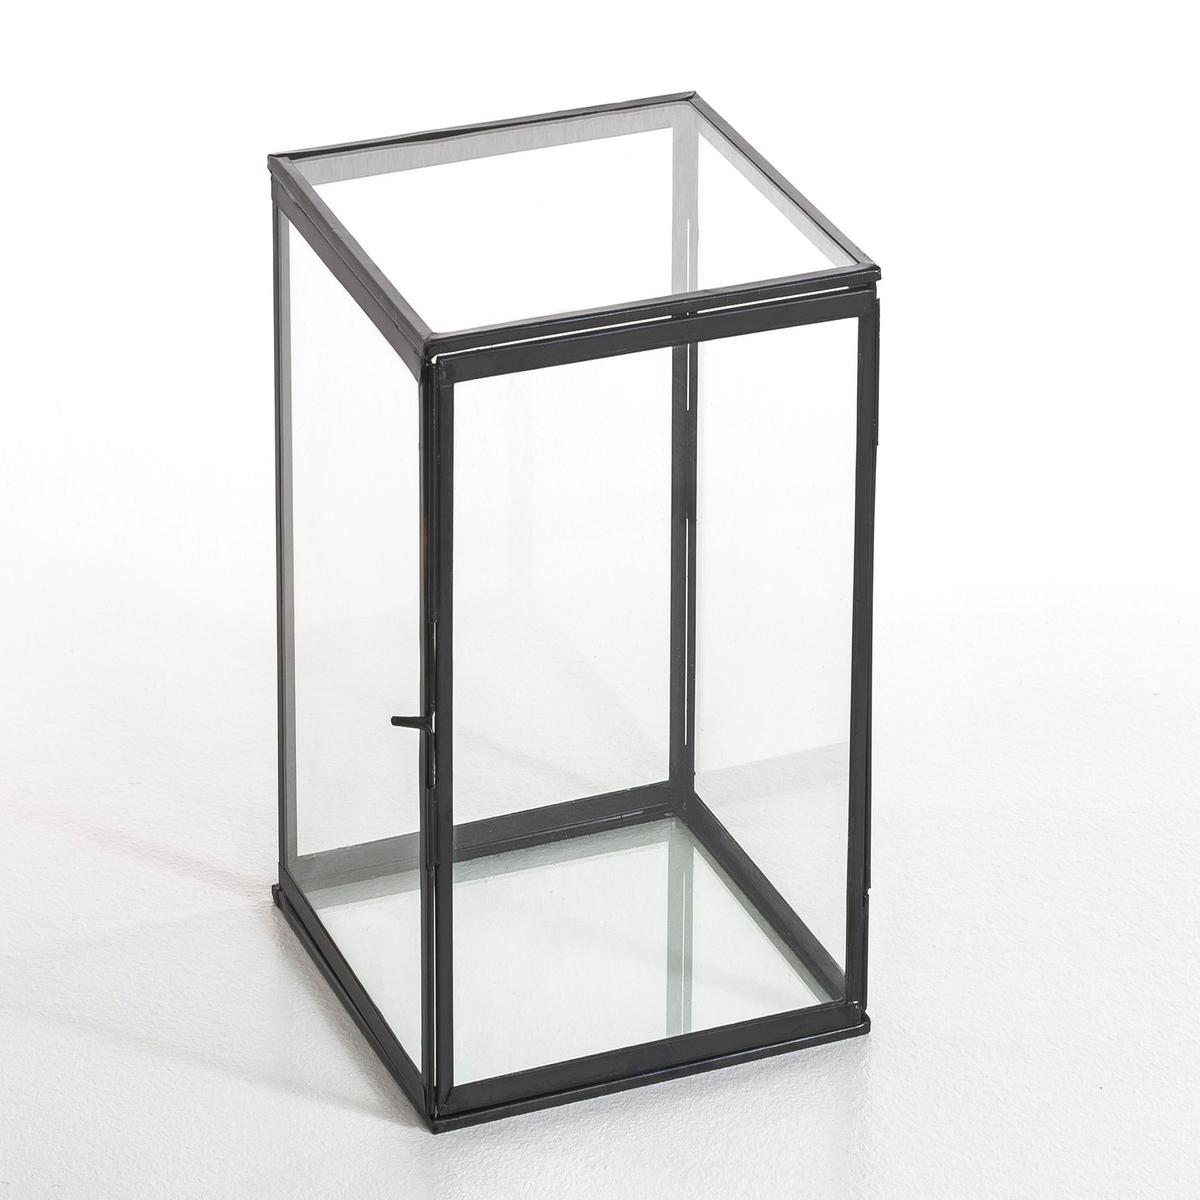 Коробка-витрина, MisiaКоробка-витрина в форме трапеции, Misia. Можно расположить вертикально или горизонтально . Симпатичный макси формат идеален для выделения различных предметов  .Описание : - Выполнена из стекла и металла- Медная отделка, черного или золотистого цвета .- Ремесленное производство, собрана вручную Размеры : - 40 x 20 x 20 см .<br><br>Цвет: черный металл<br>Размер: единый размер